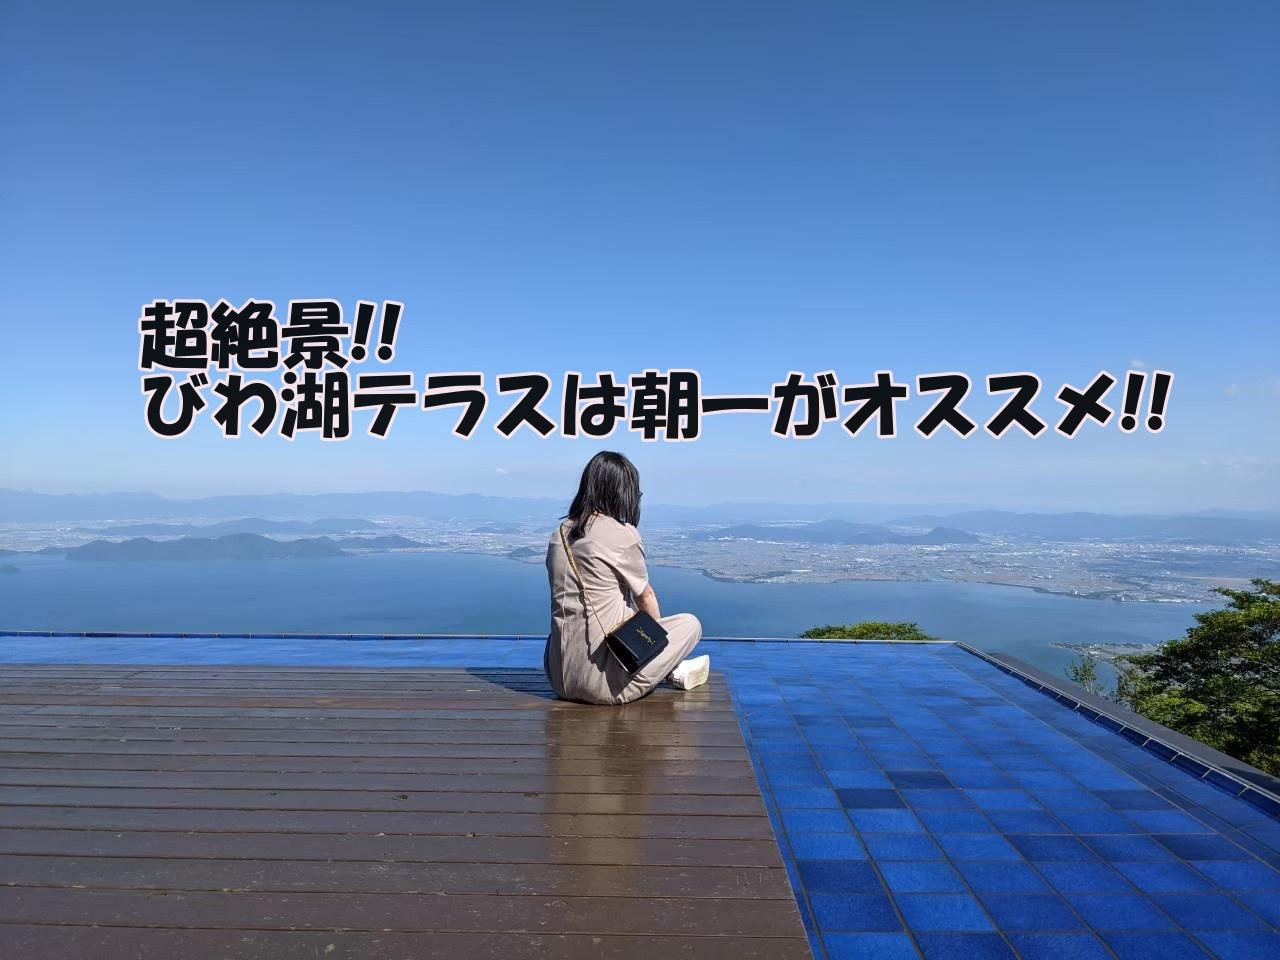 超絶景!びわ湖テラス!!!